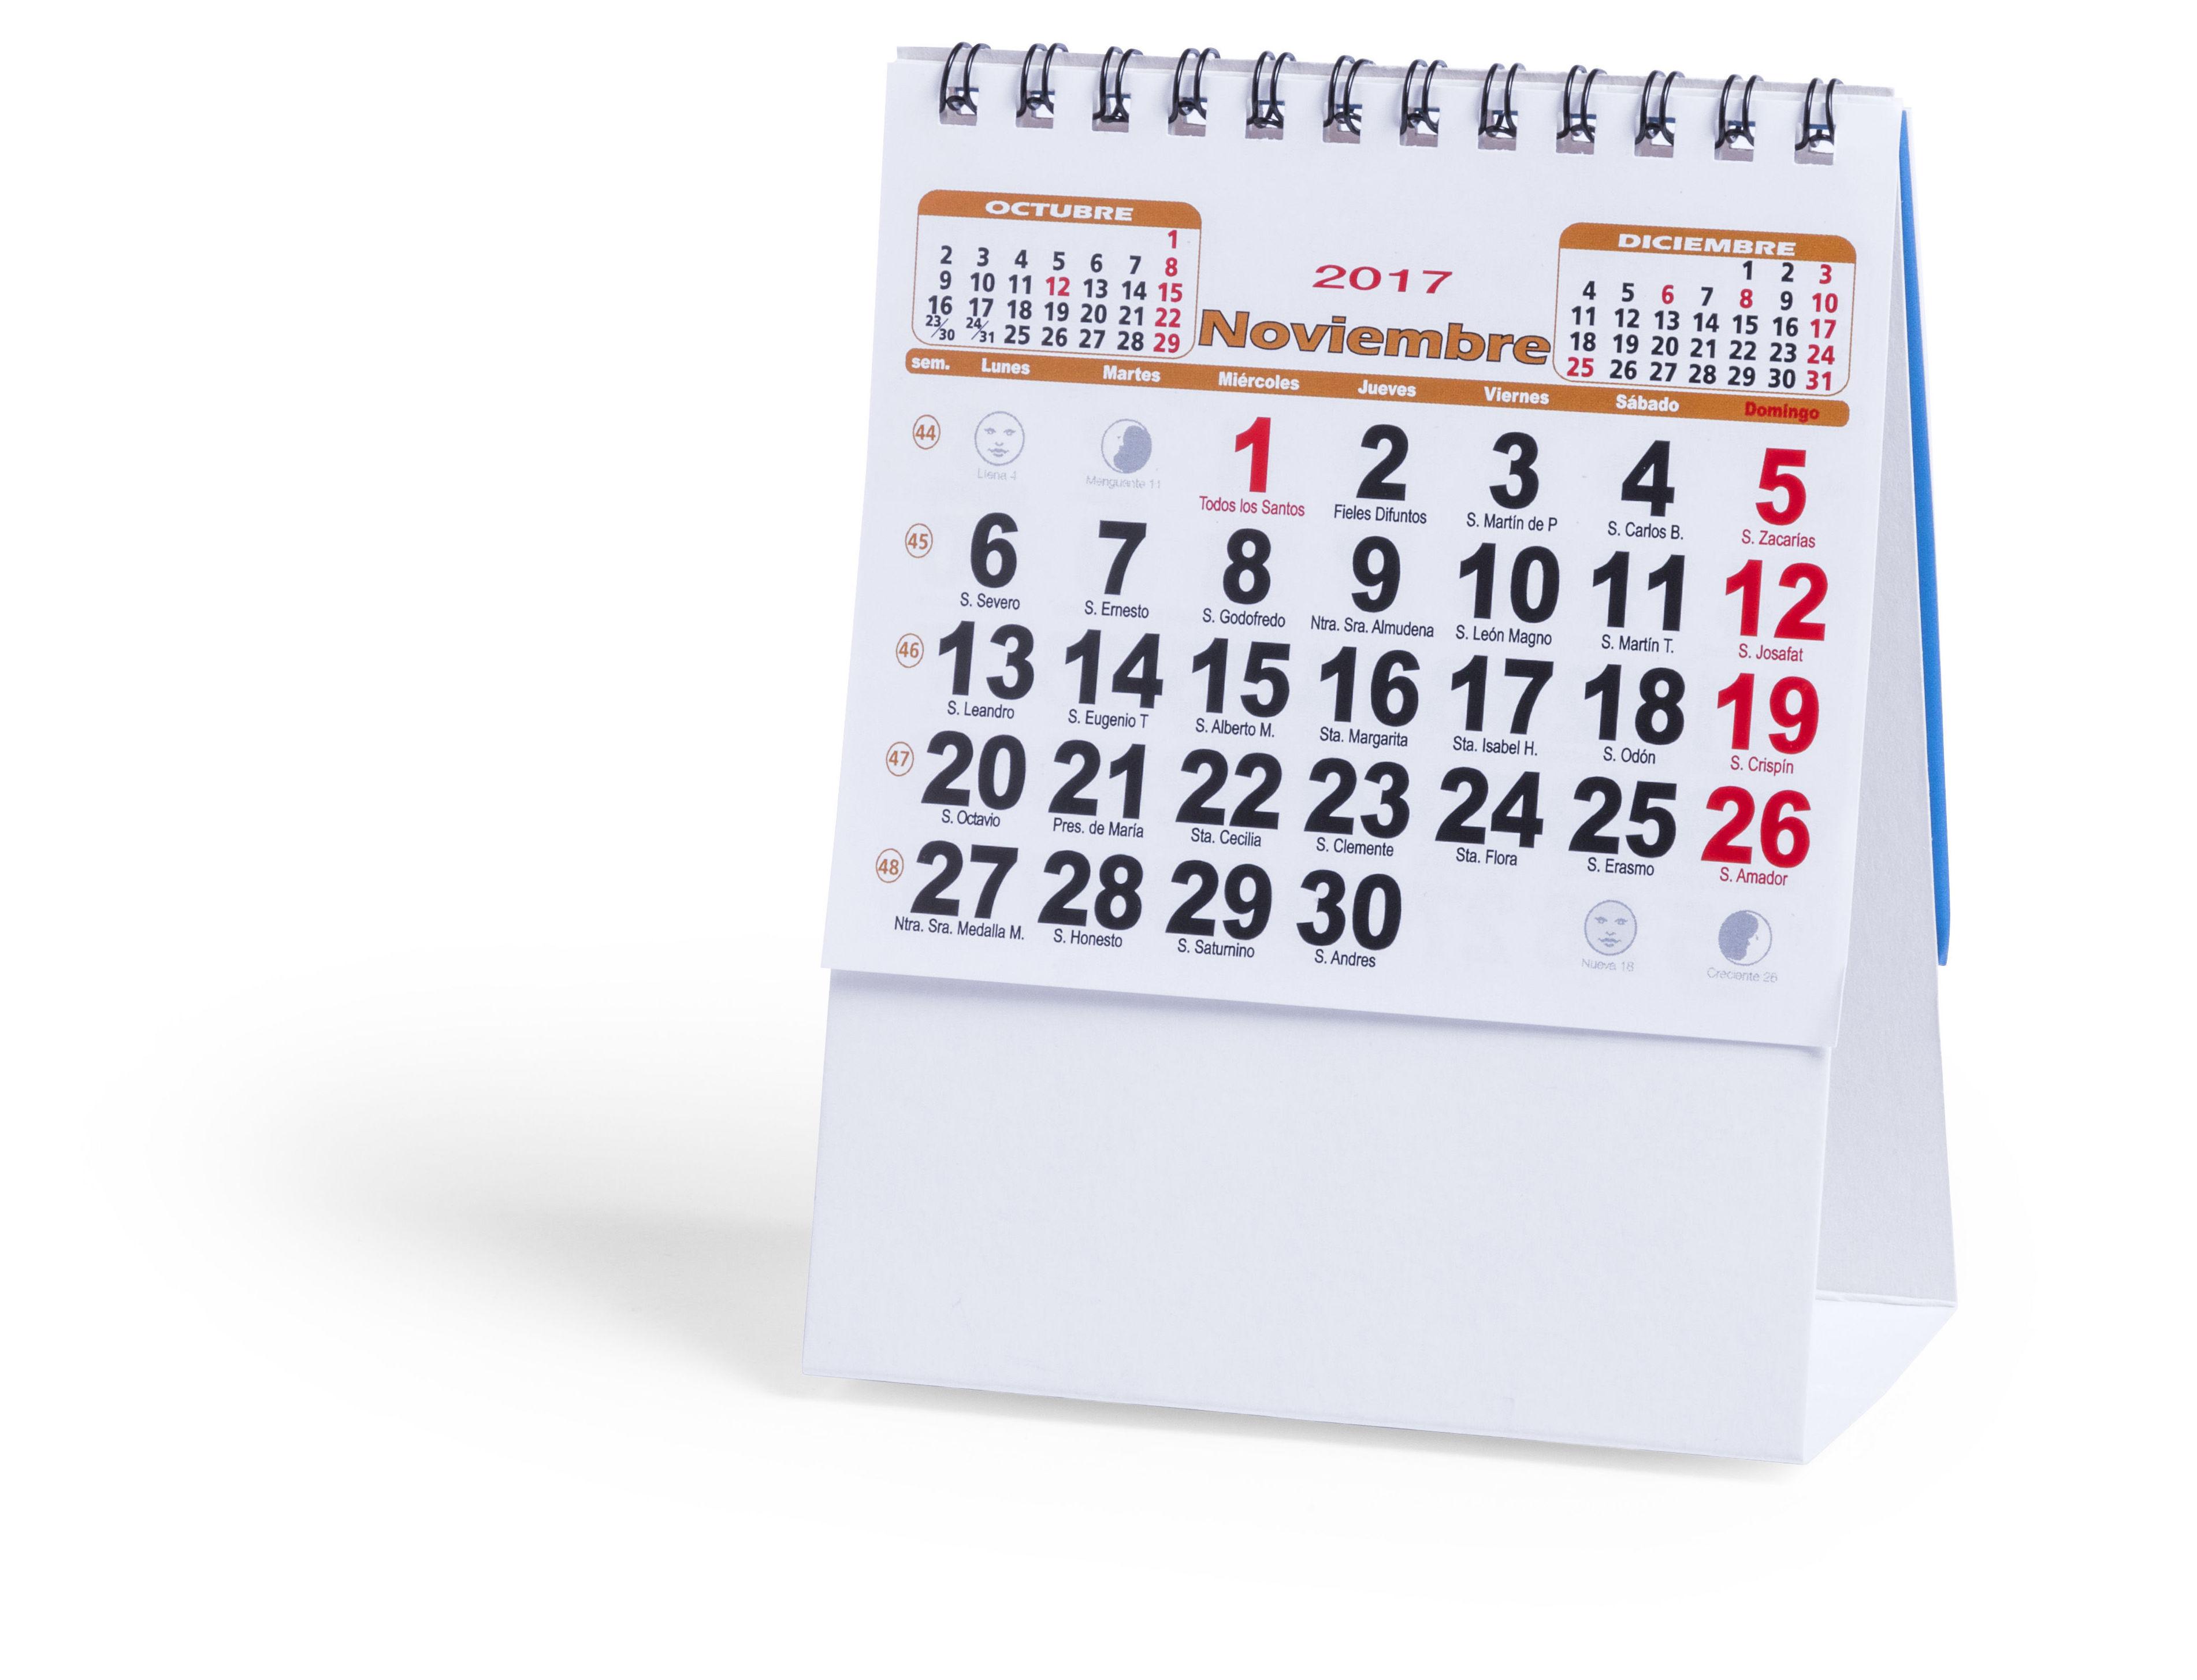 Calendarios sobremesa, con espacio para imprimir tus datos y logotipo